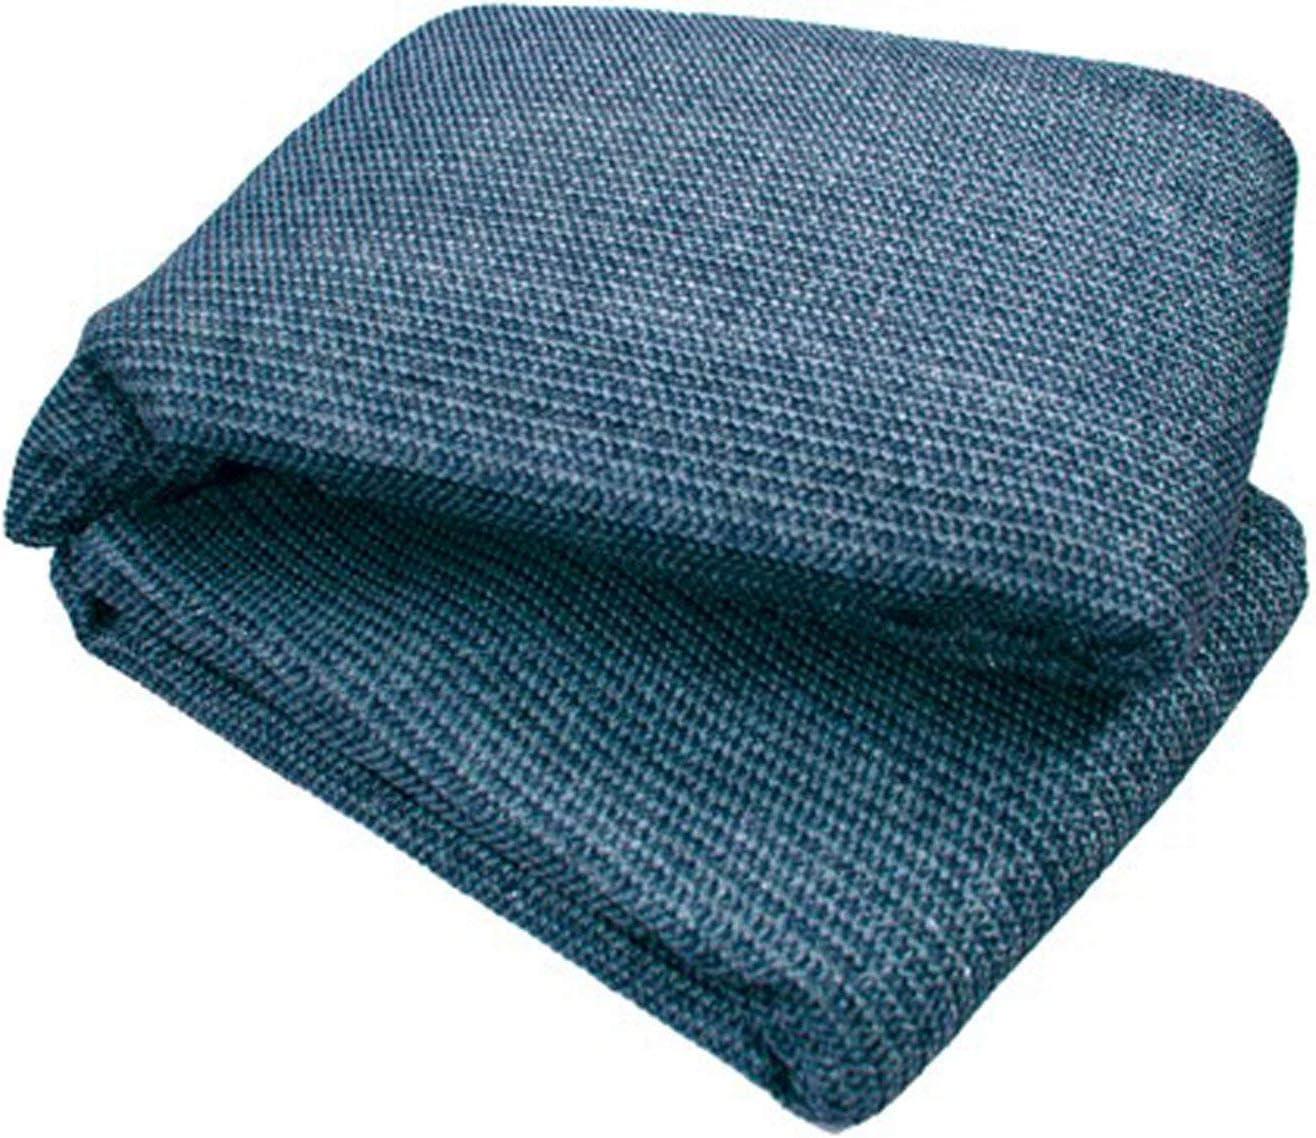 Bleu//gris MP Essentials Tapis de sol tiss/é pour tente et auvent anti-moisissure et r/ésistant aux intemp/éries